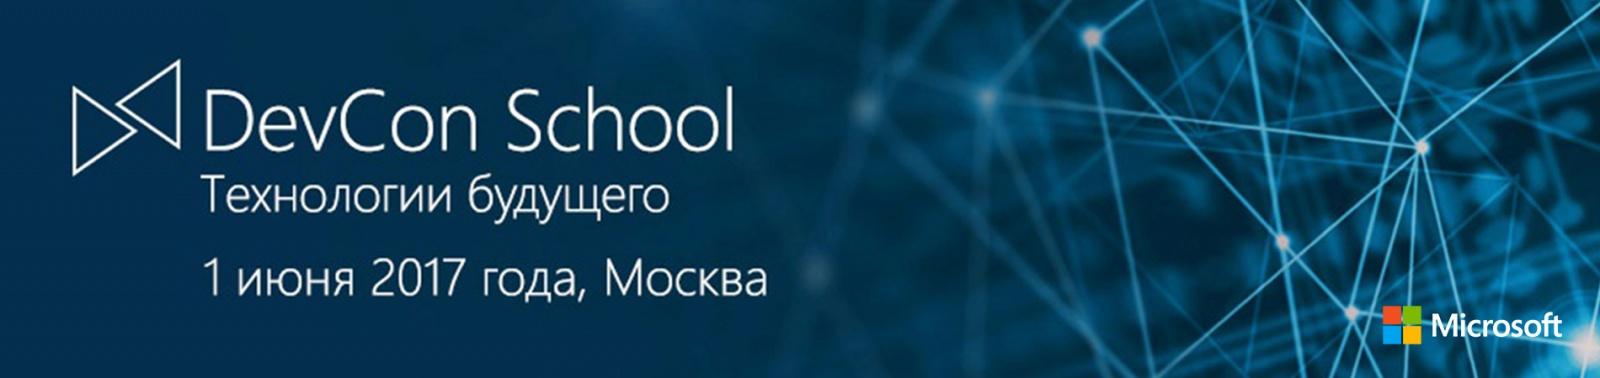 Как пропатчить KDE под FreeBSD или, что ждать от мастер-классов на DevCon School 1 июня - 1